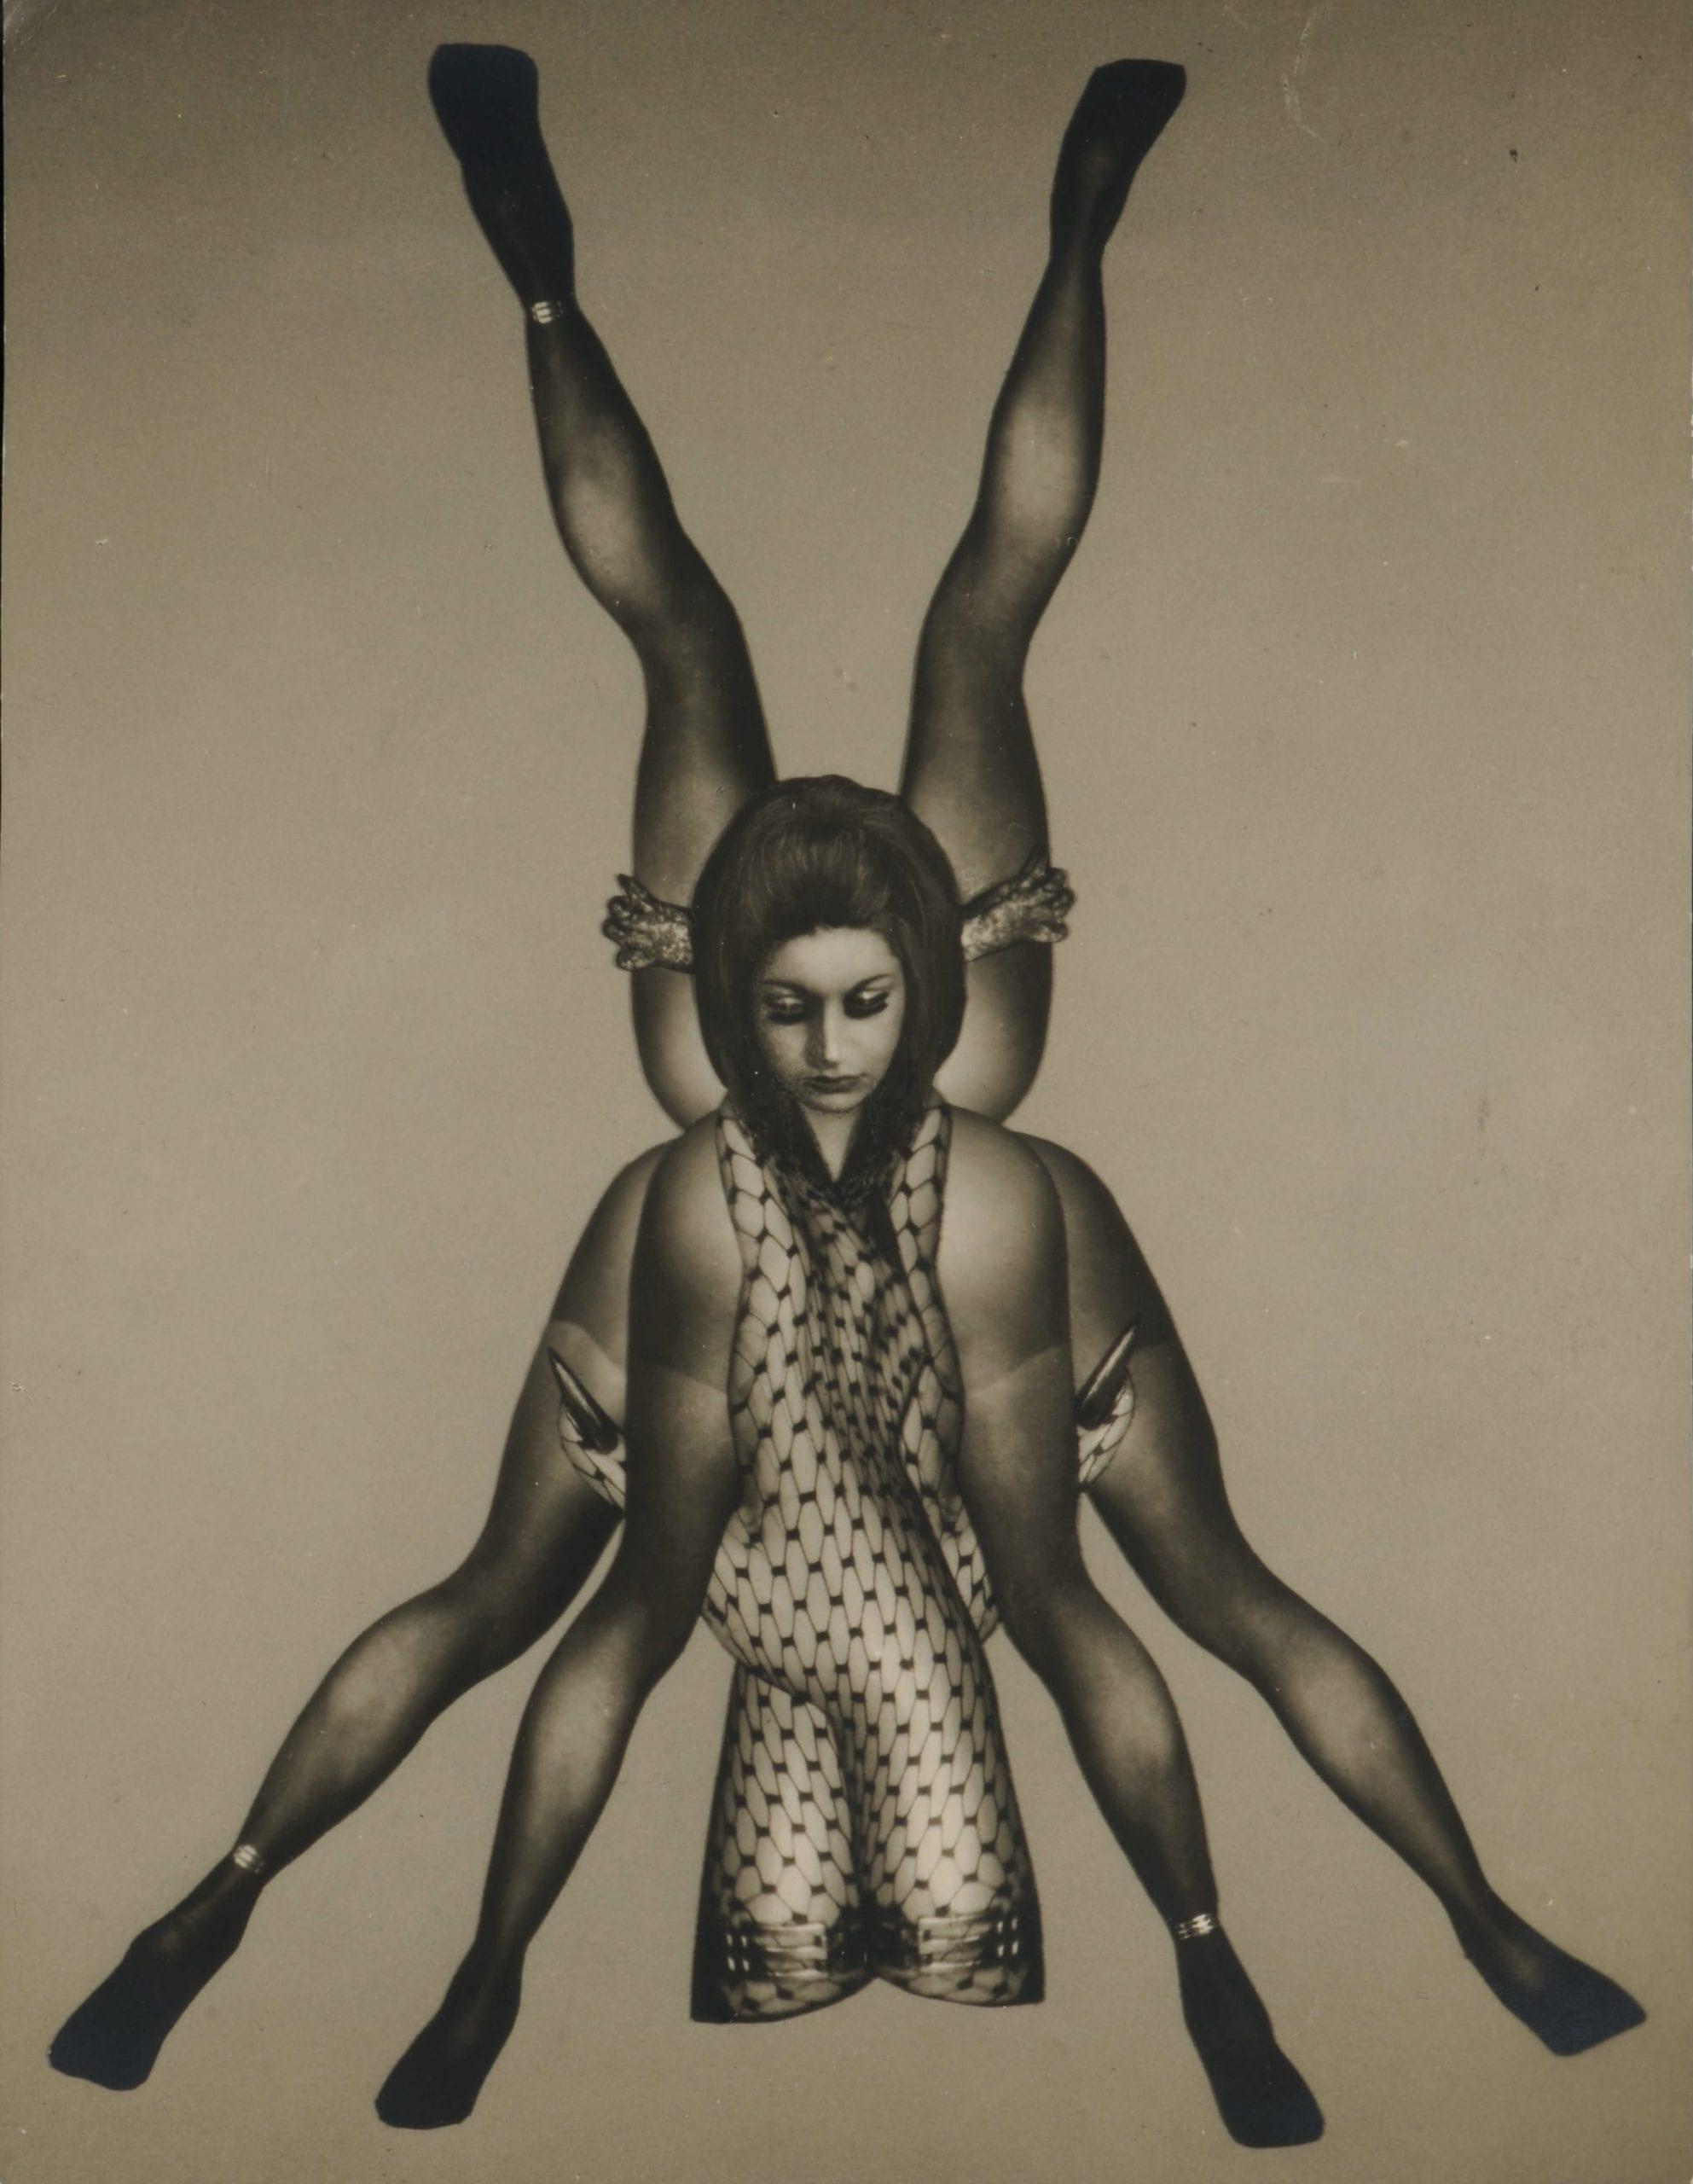 Féminin pluriel est triste, planche n°32 du Chaman, tirage argentique d'époque © Artcurial